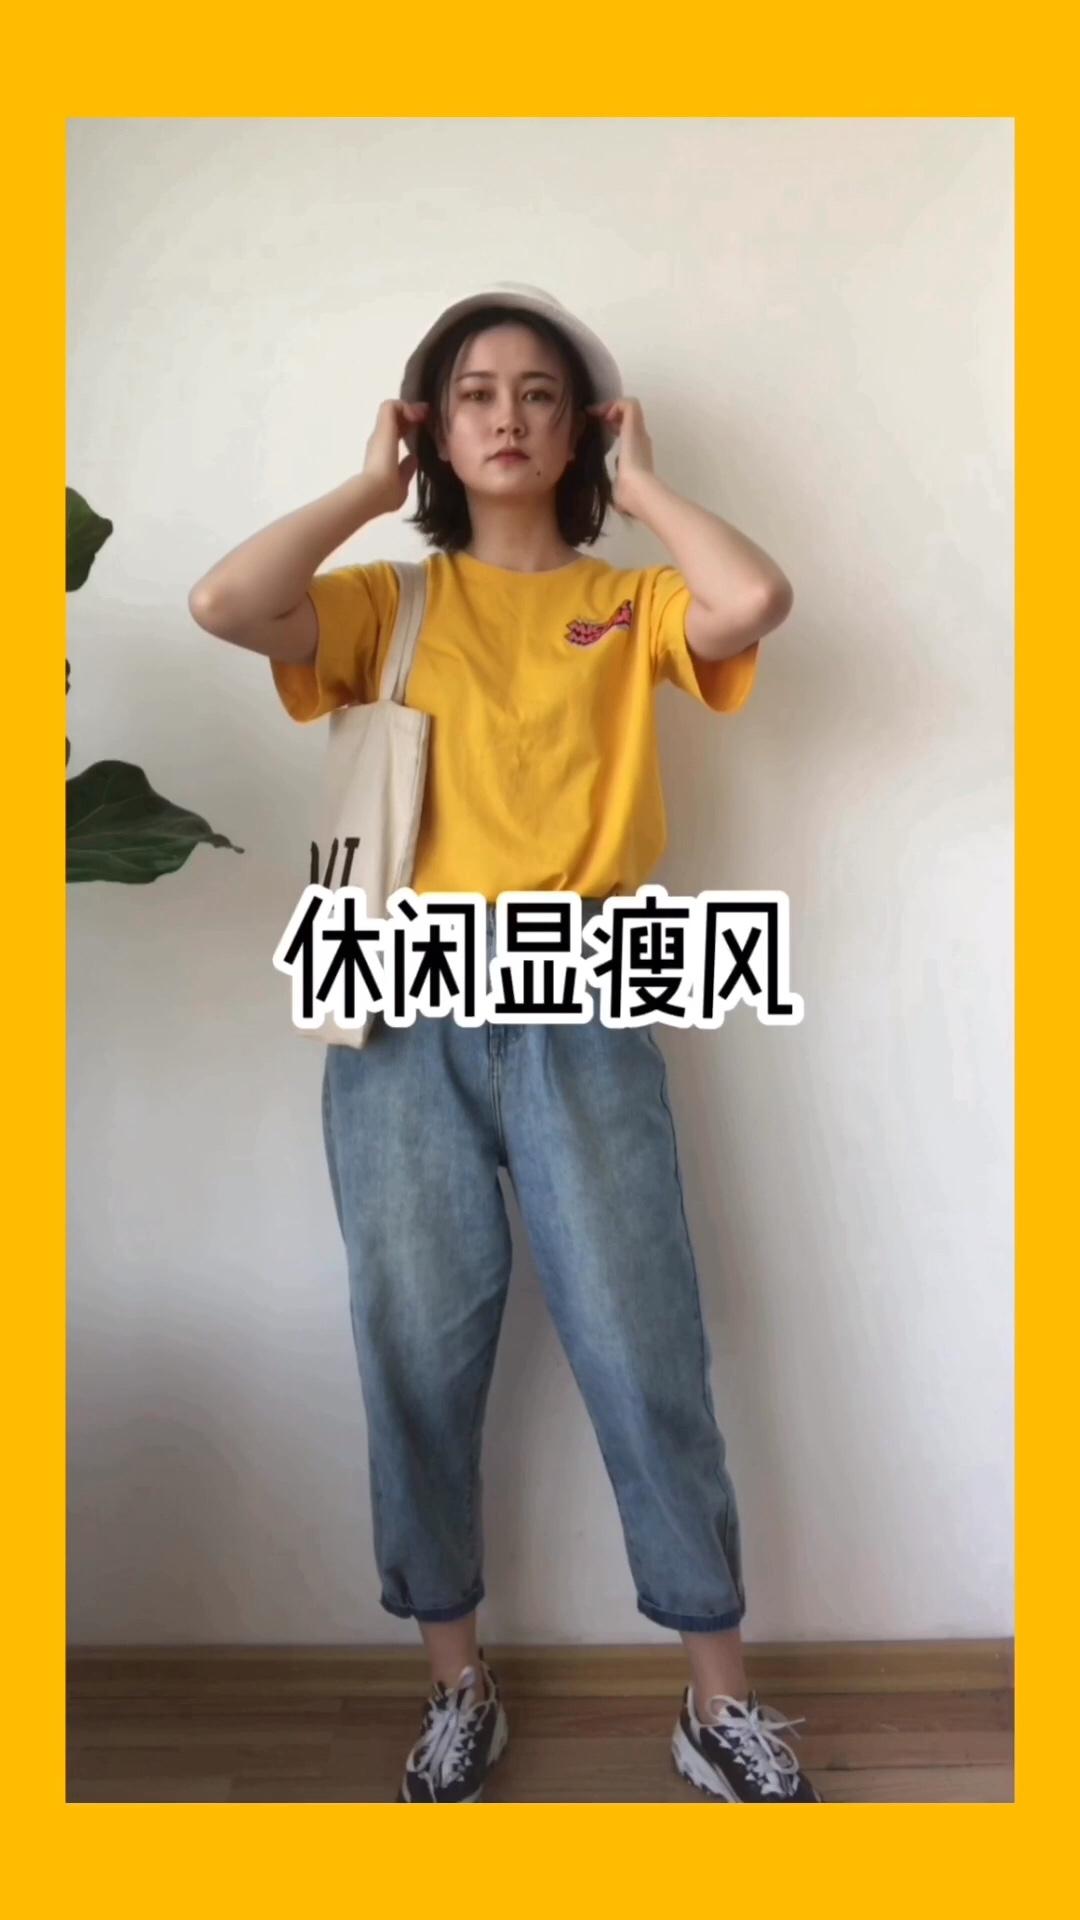 #多肉女孩显瘦指南,安排~#  黄色 显白白白 显嫩嫩嫩 多肉女孩 收小腿裤 也是很遮肉的呦 搭配一双厚底的松糕鞋 外增高➕气质up 夏日出街 穿起吧 💯